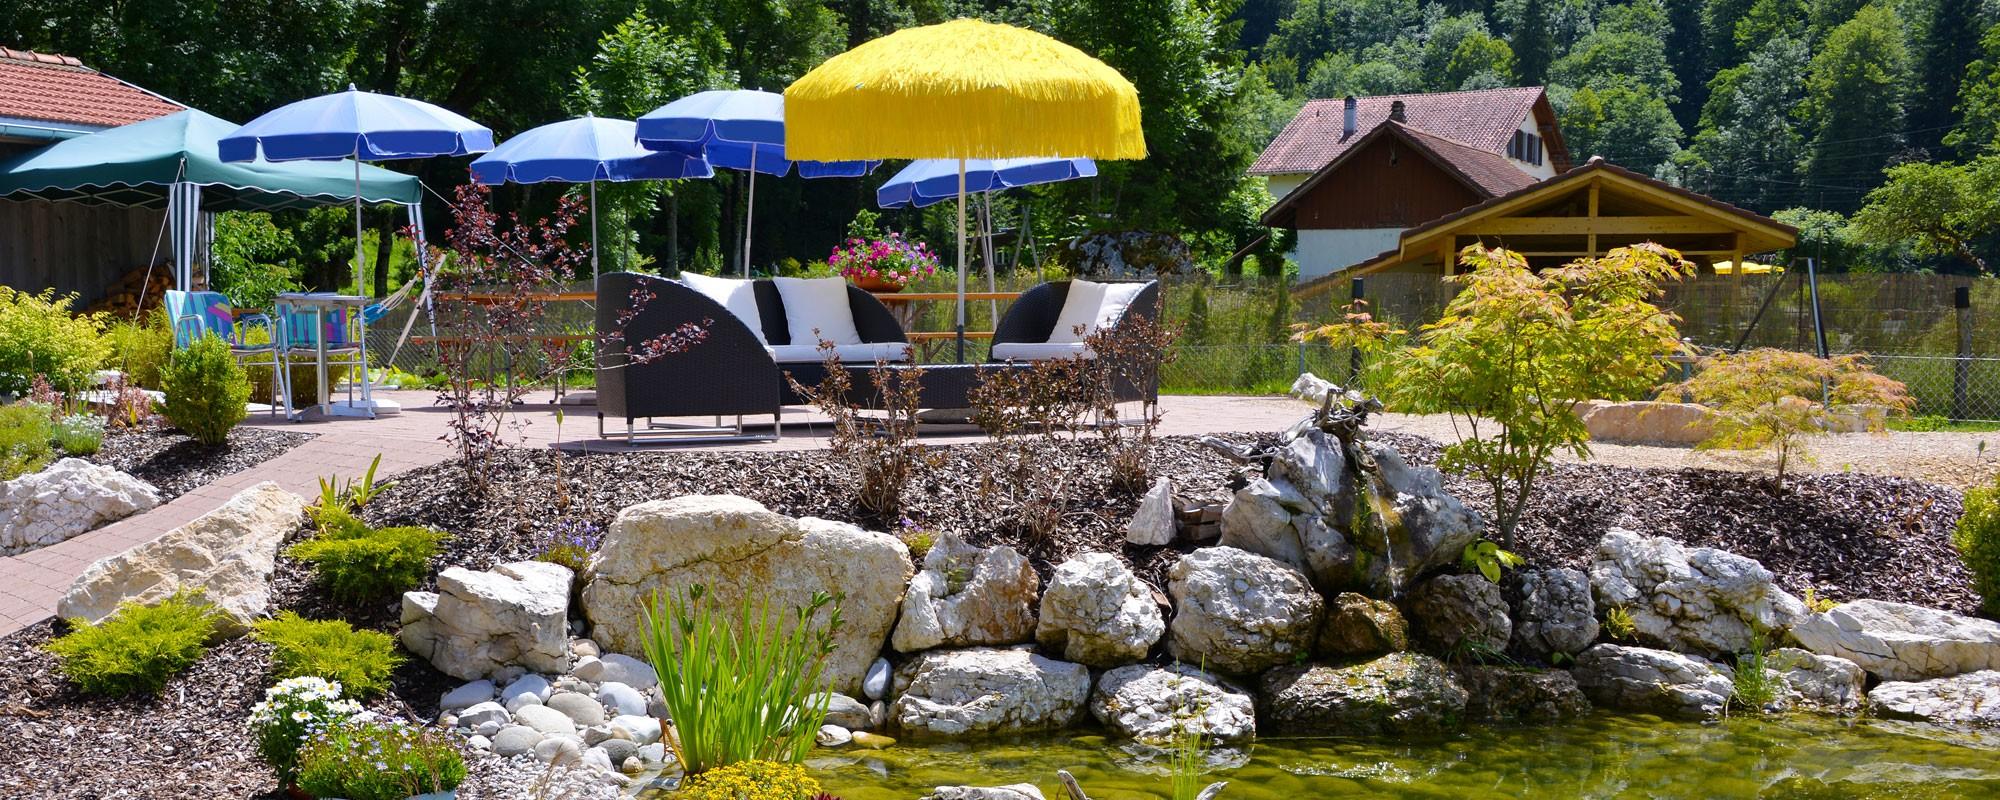 Maison Biaufond - étang et terrasse